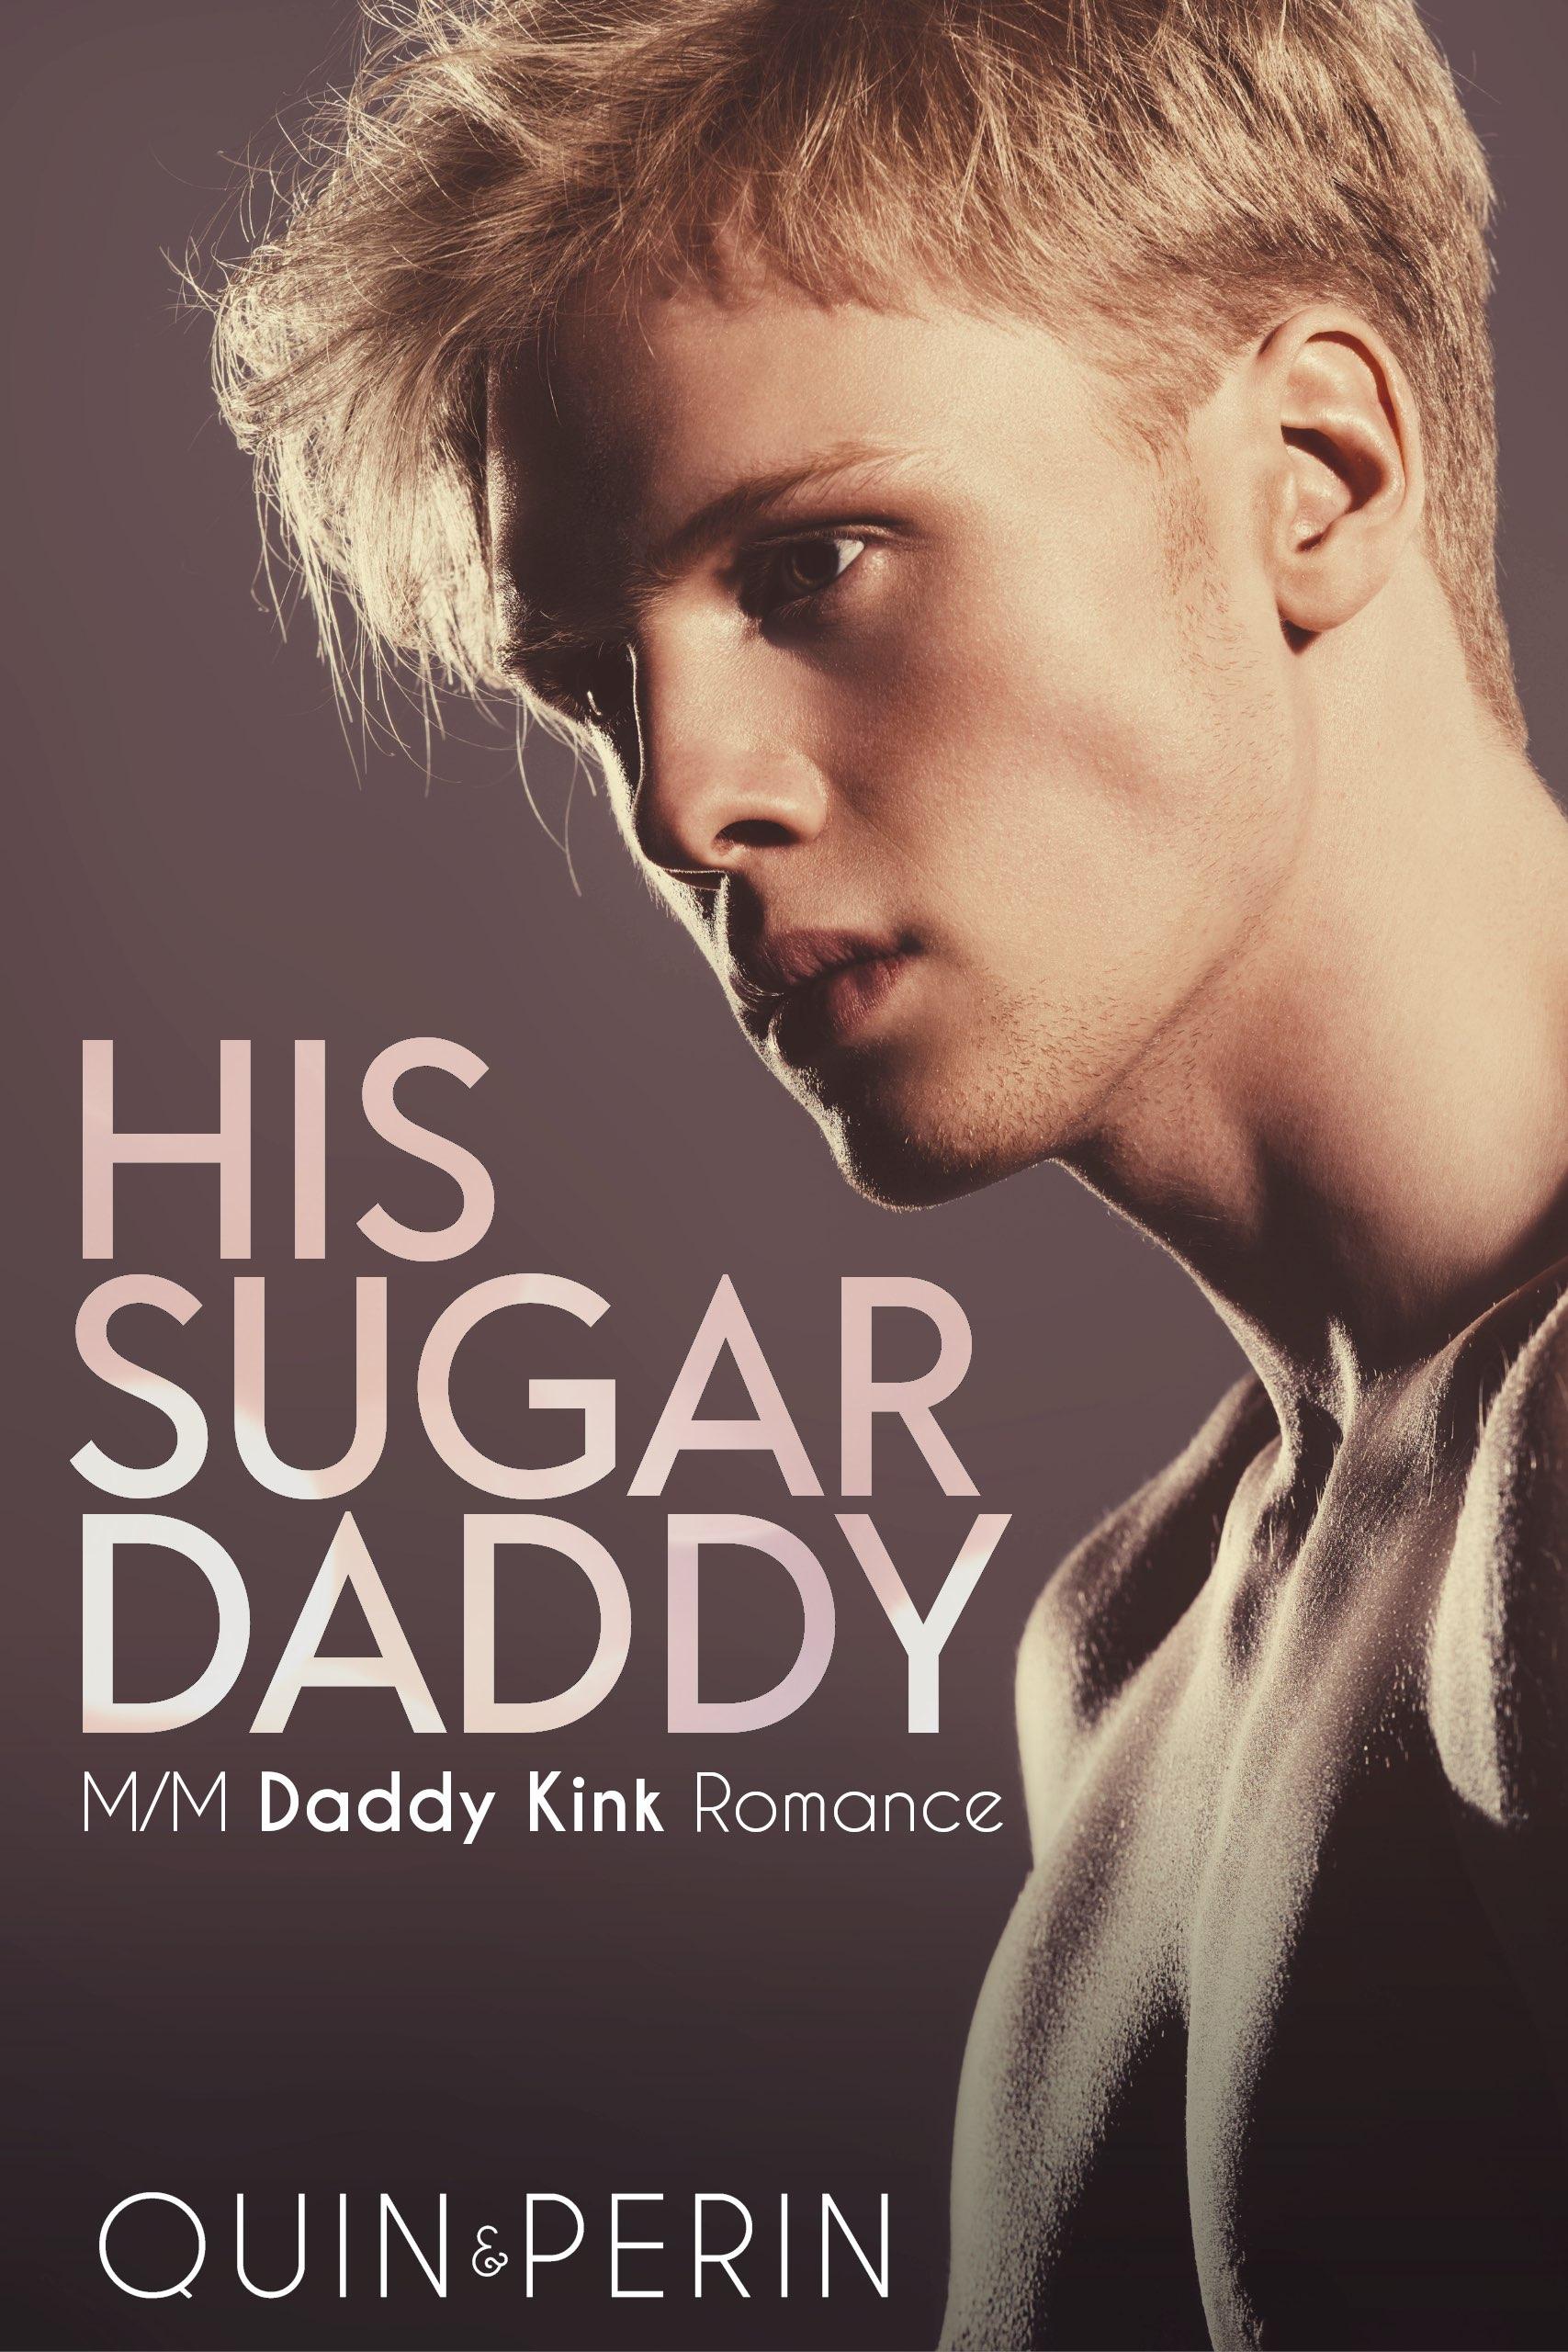 Daddy stories sugar horror Sugar Daddy